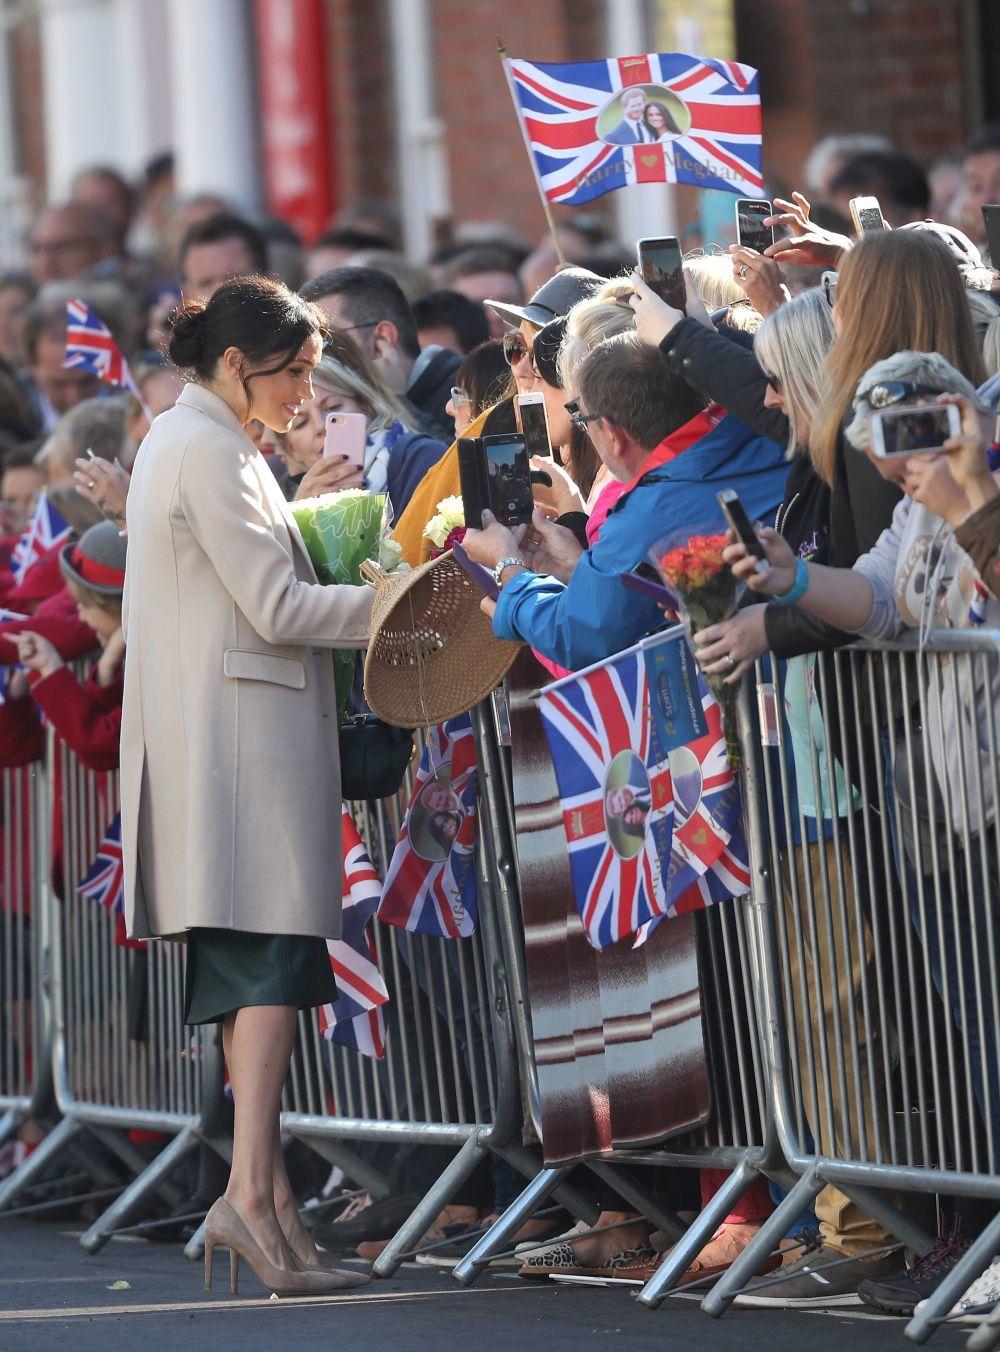 La Duquesa de Sussex saludando a sus seguidores.